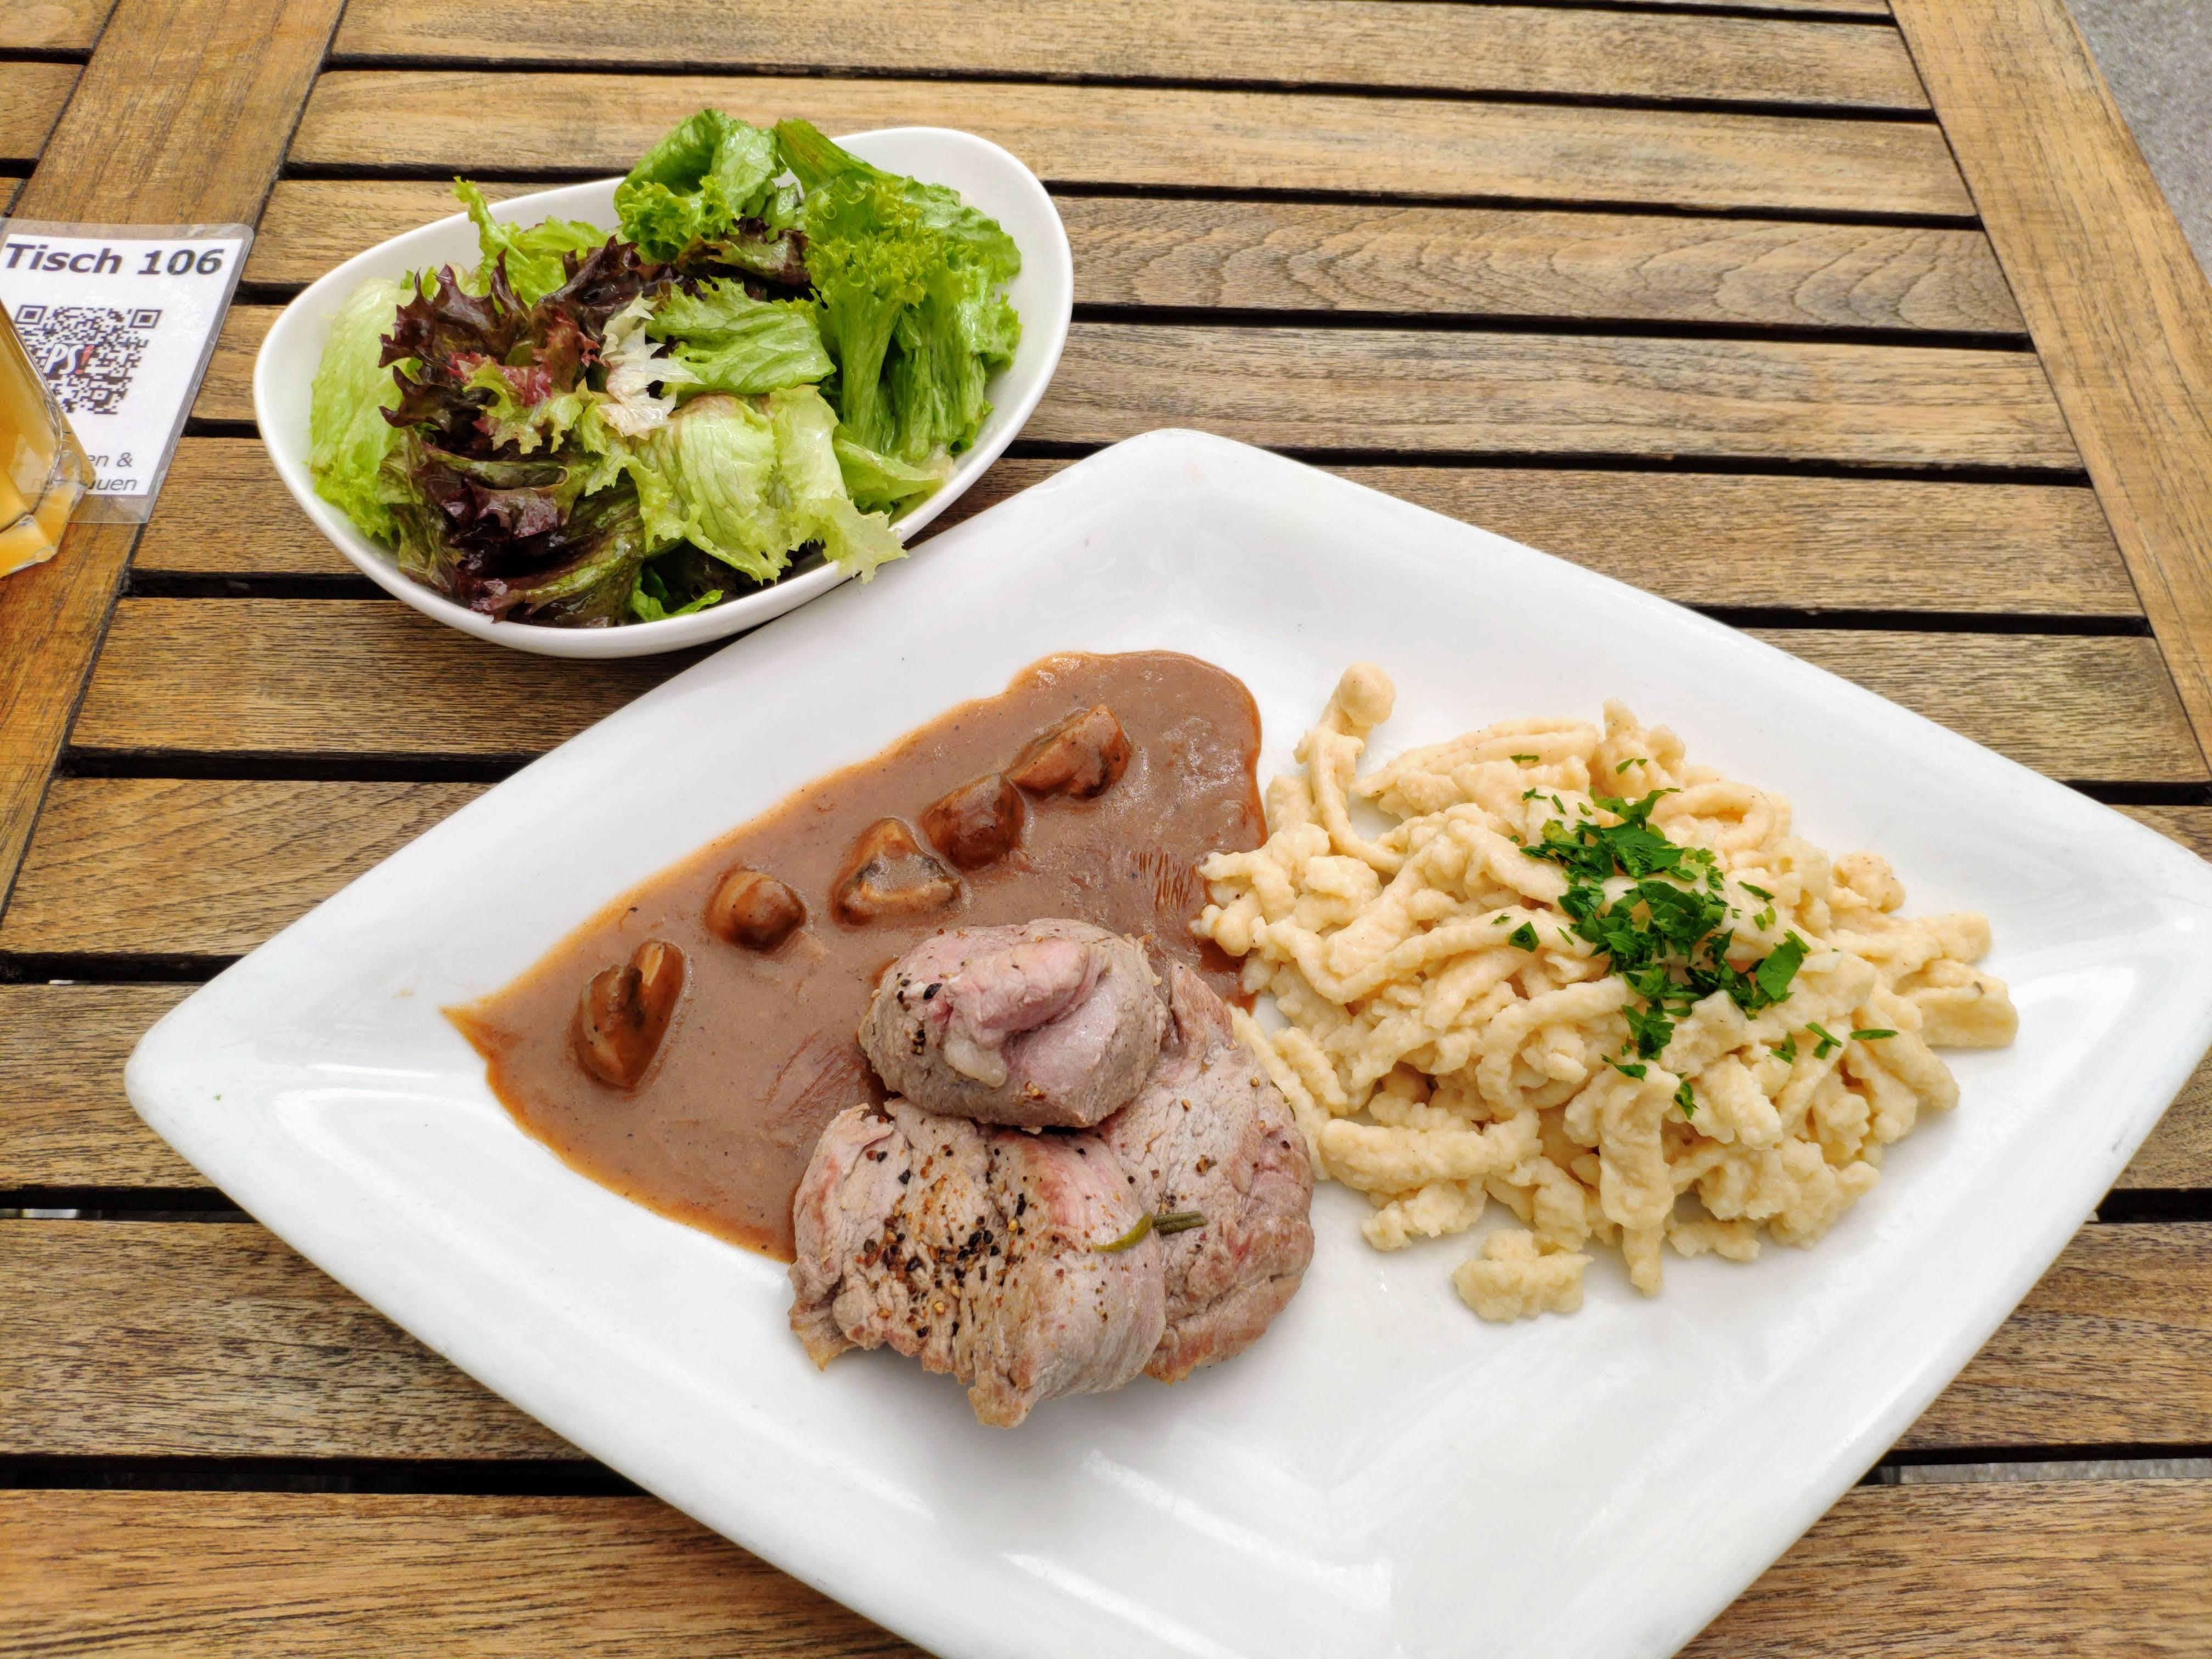 https://foodloader.net/nico_2020-06-30_schweinelendchen-mit-spaetzle-und-salat.jpg